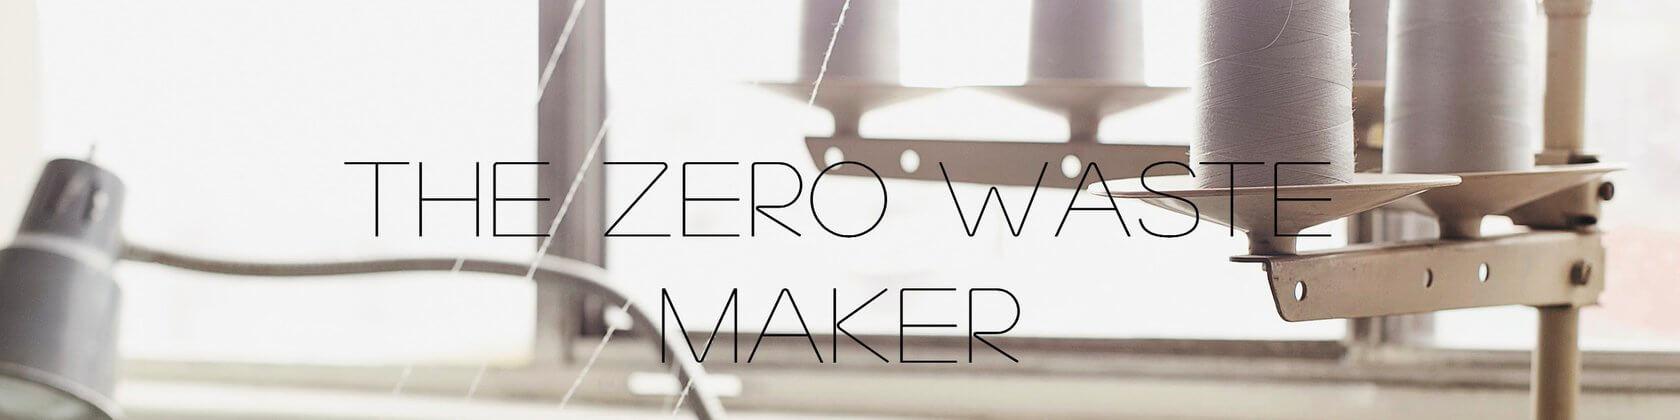 zero waste maker Etsy